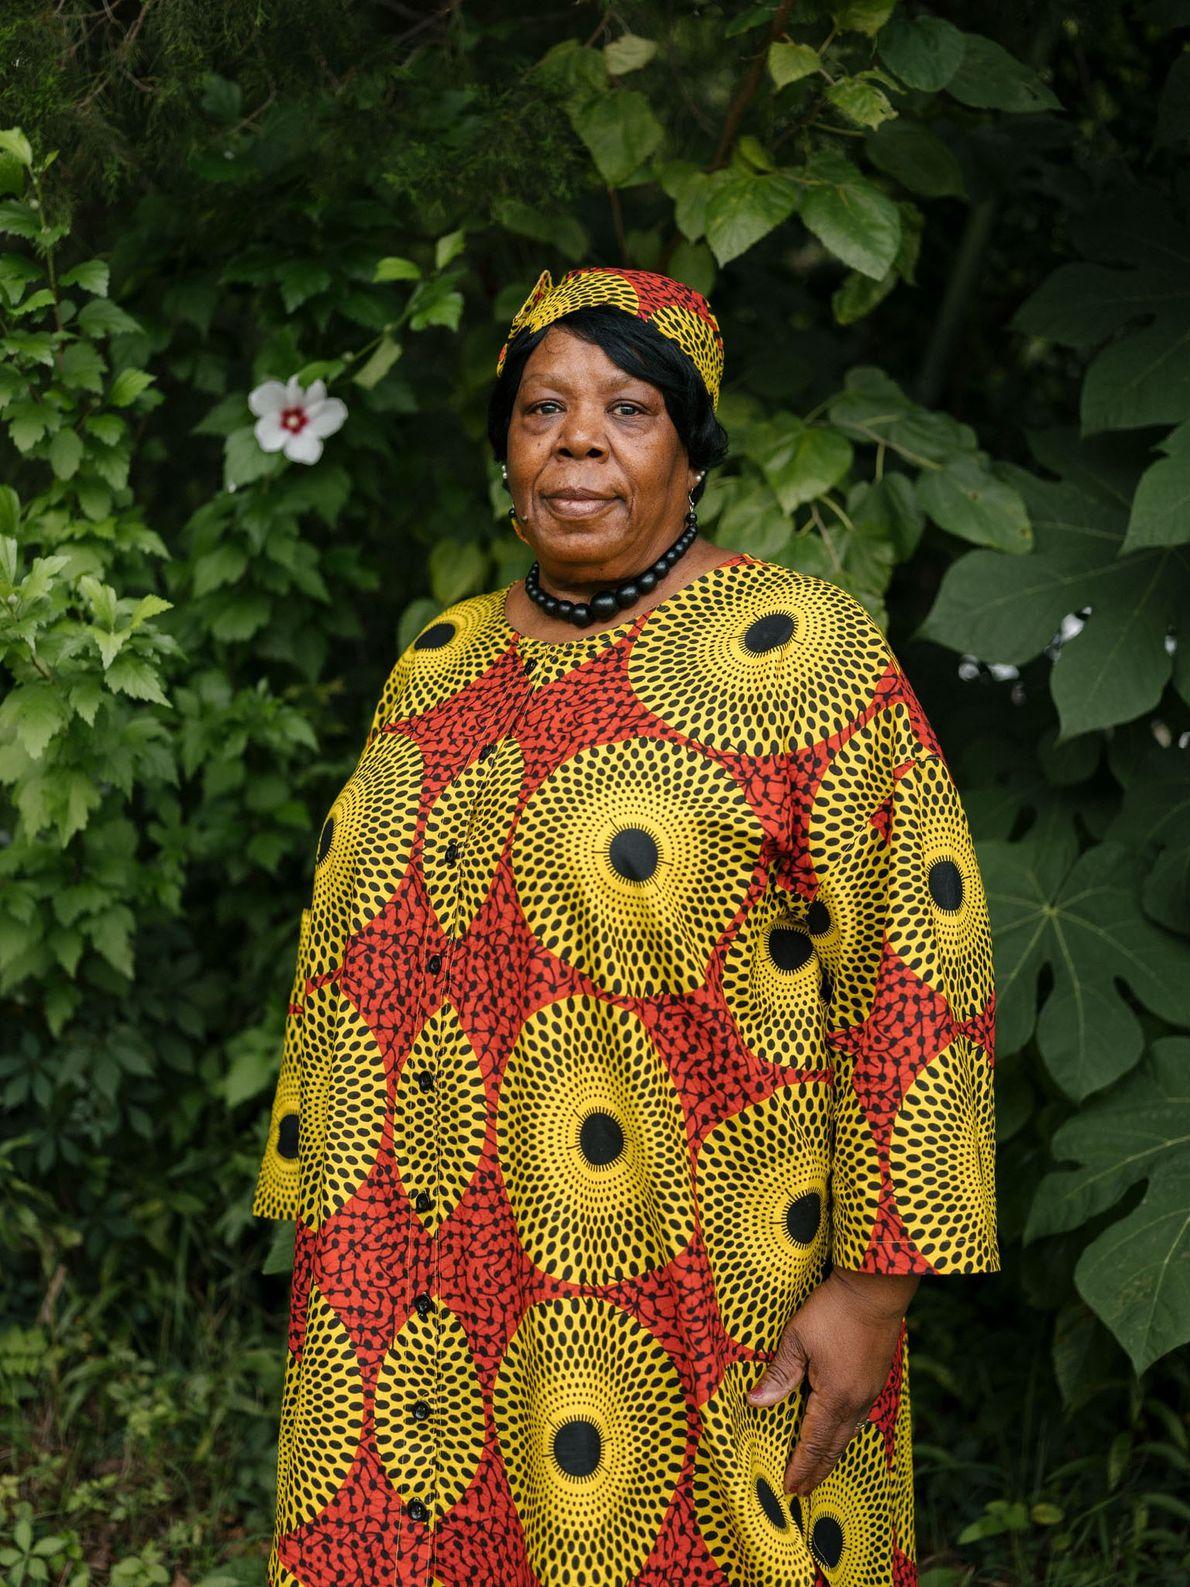 Lorna Gail Woods, com 70 anos, é uma habitante de quinta geração de Africatown. O seu ...